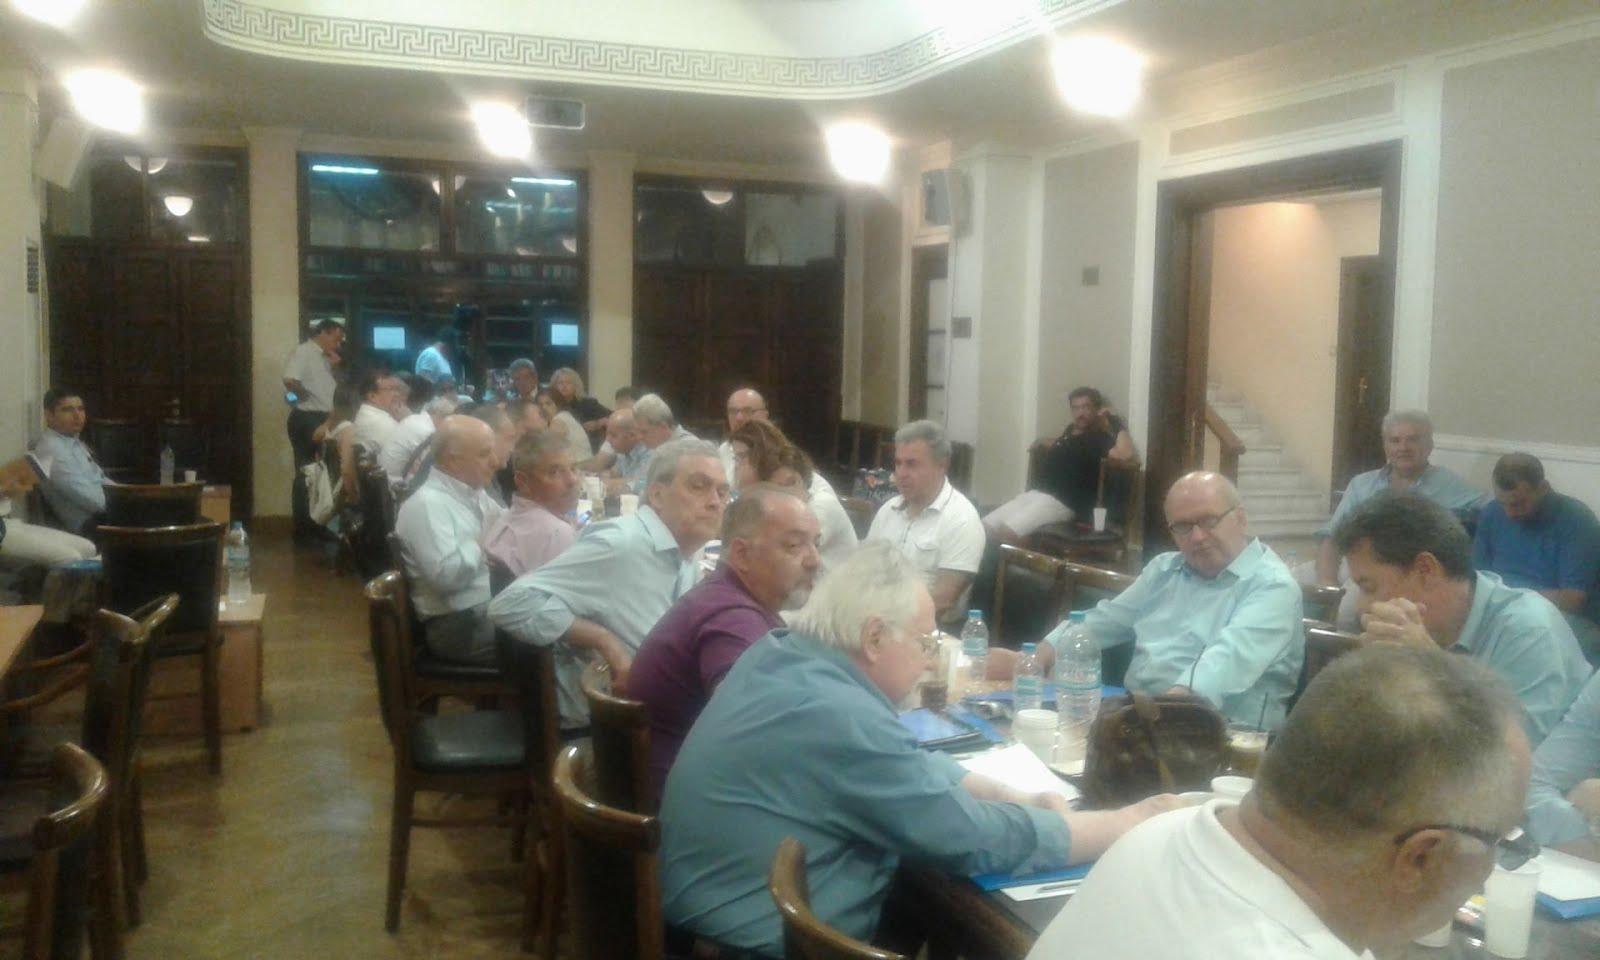 Ολομέλεια Προέδρων Δικηγορικών Συλλόγων, Αθήνα 24-7-2017